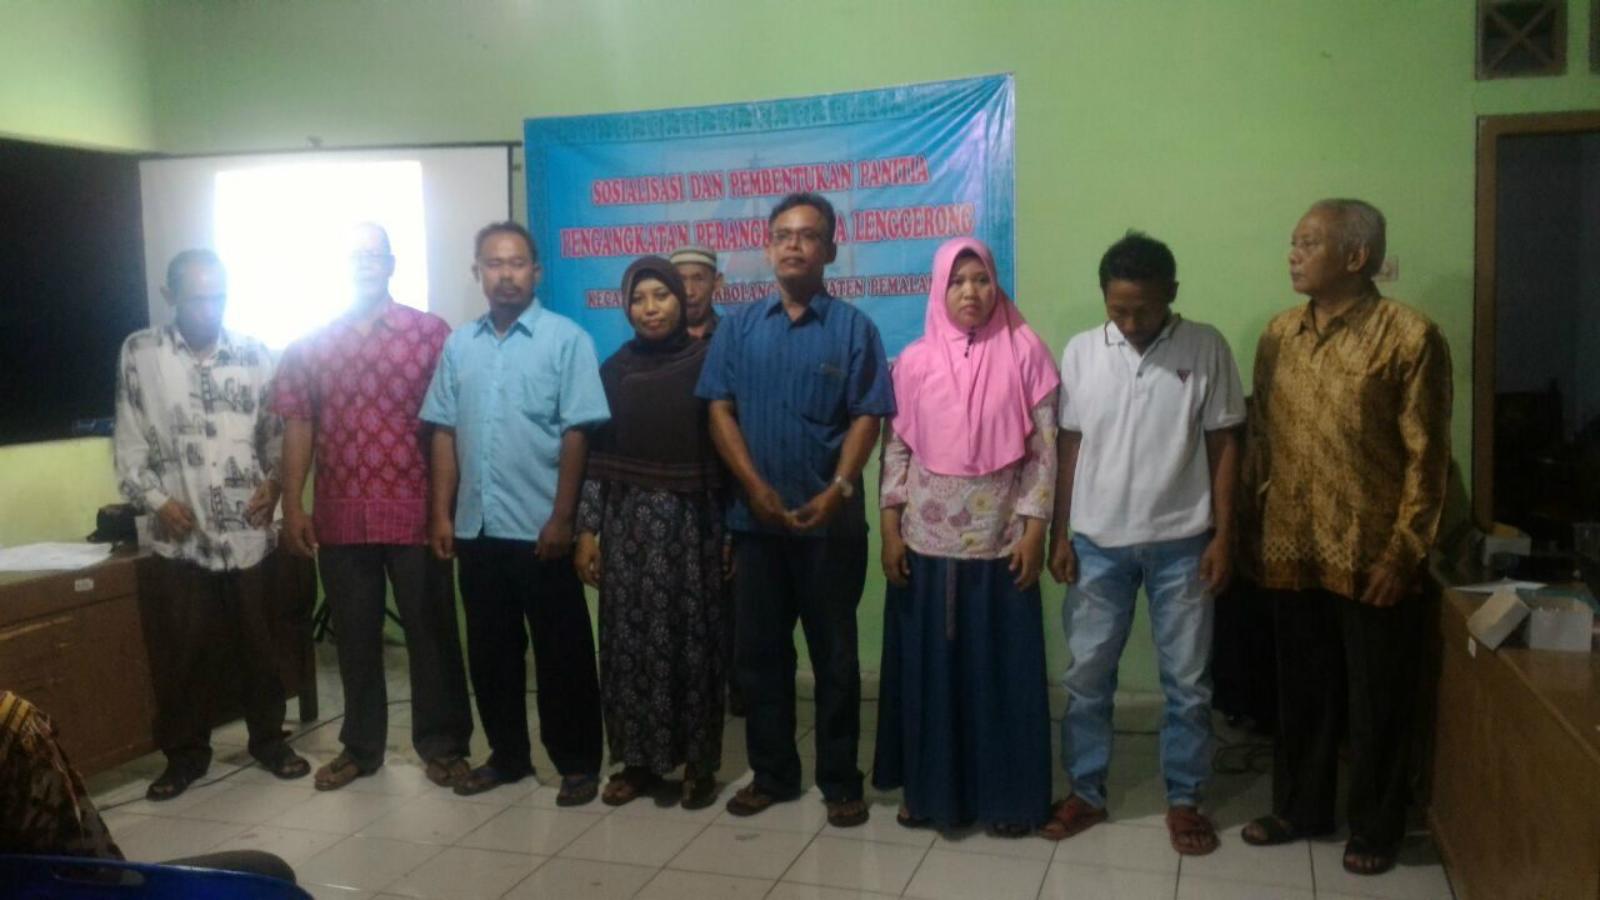 Sosialisasi dan Pembentukan Panitia Pengangkatan Perangkat Desa